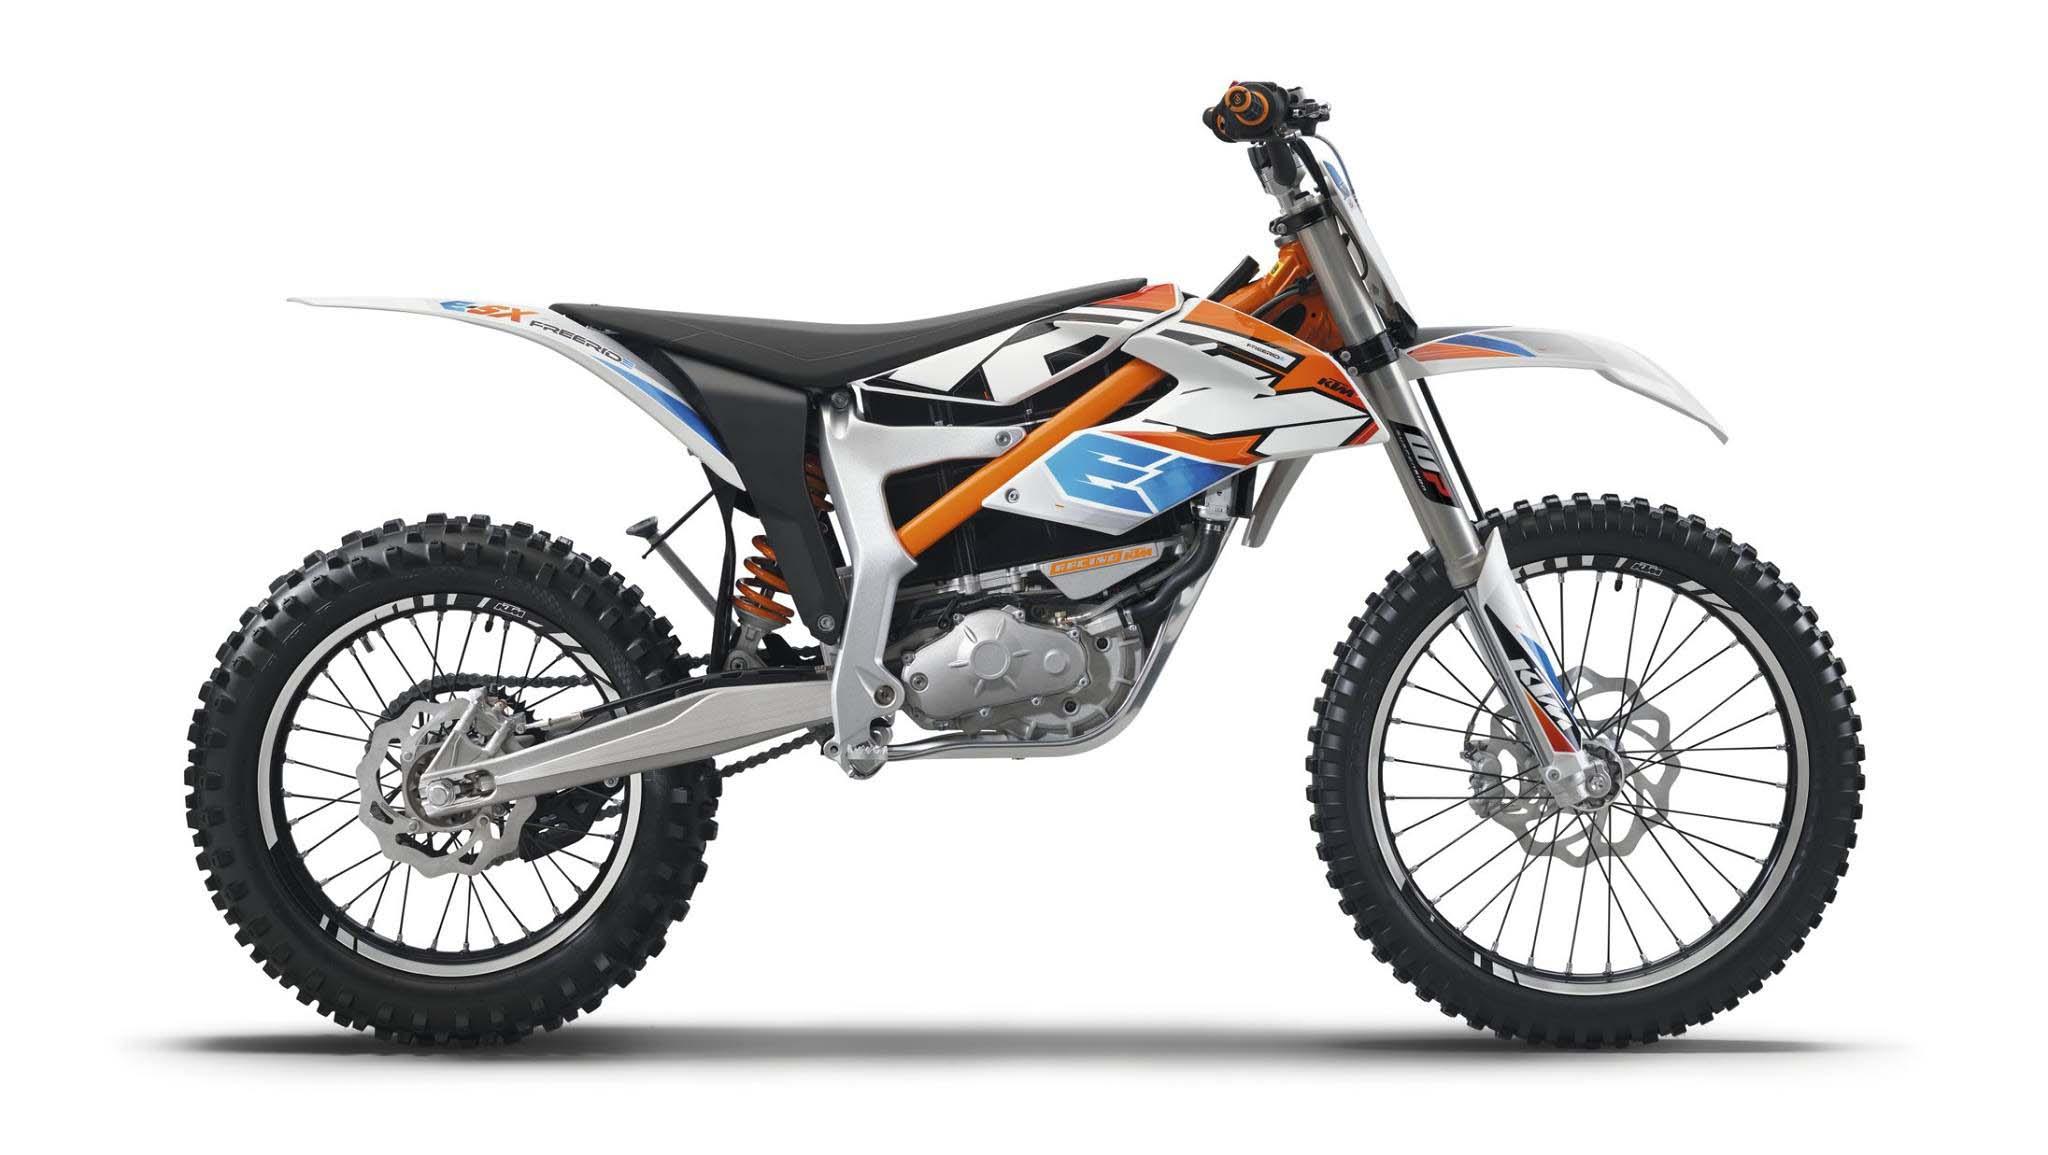 La sportive verte du futur - Page 15 KTM-Freeride-E-electric-dirtbike-E-SX-E-XC-10